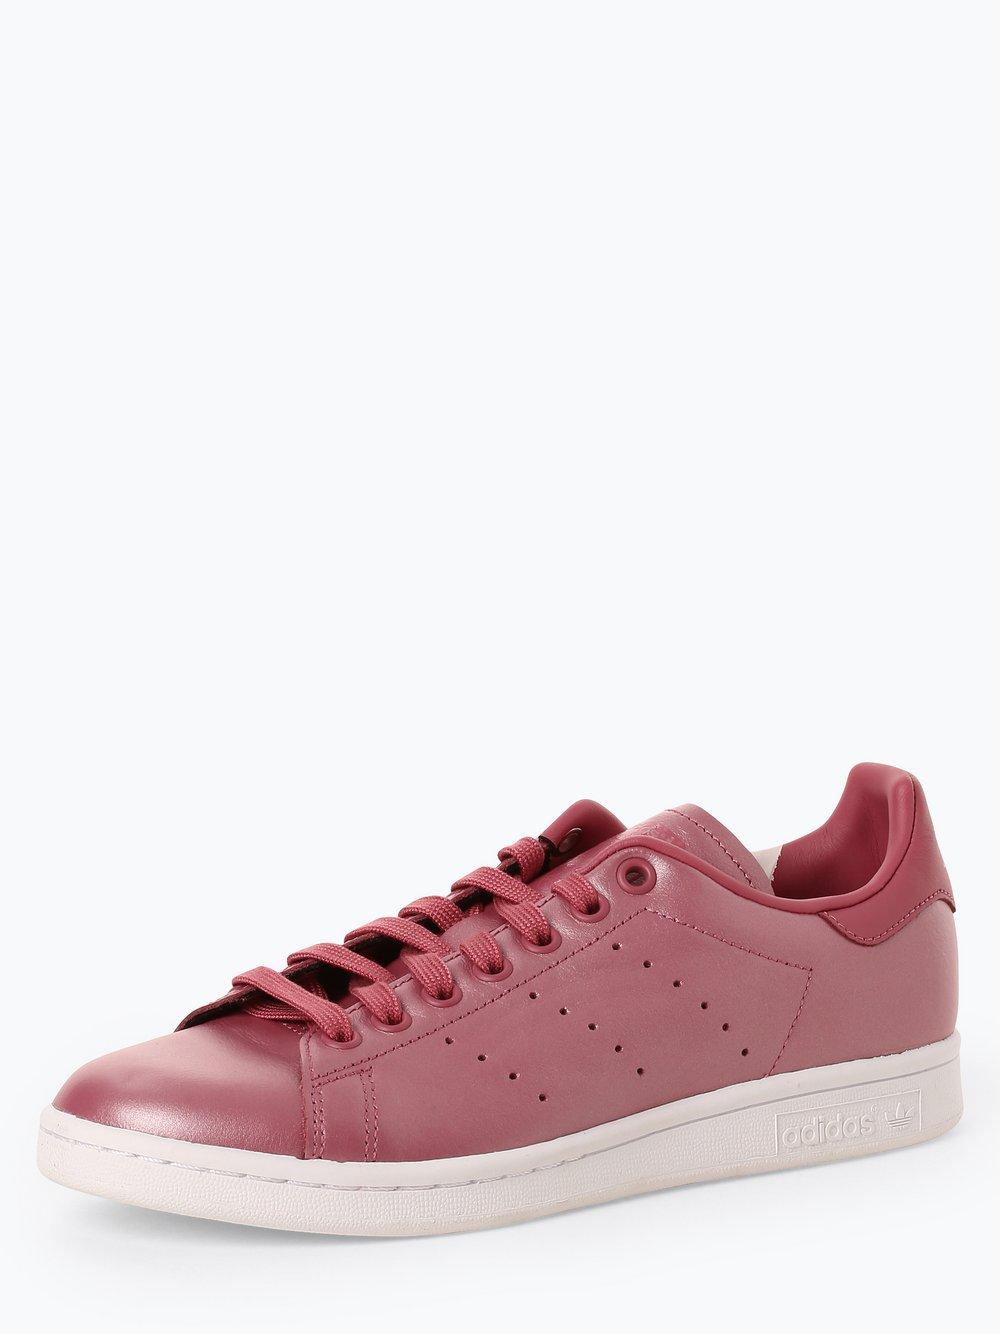 Obraz przedstawiający adidas Originals - Damskie tenisówki ze skóry – Stan Smith, czerwony